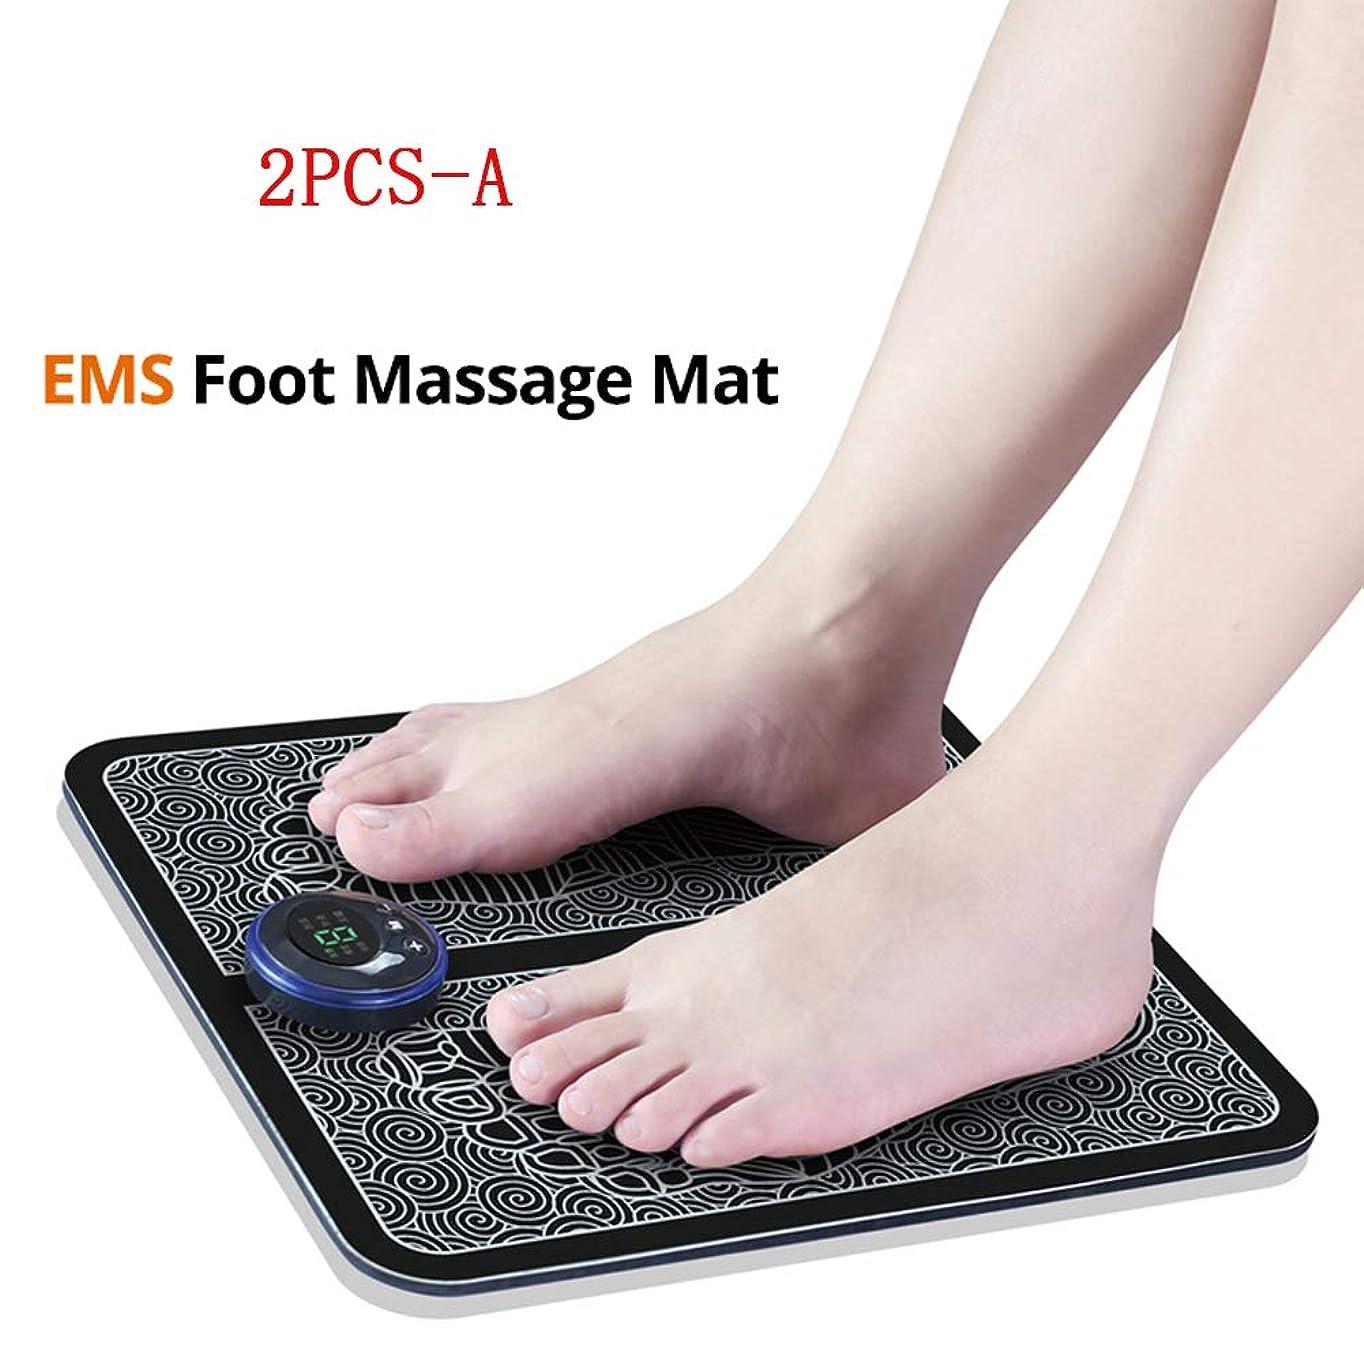 専ら熟した摩擦EMSスマートフットマッサージパッド、フットマッサージャー、足指圧療法、血液循環の促進、筋肉痛の緩和、男性と女性用、2個,A